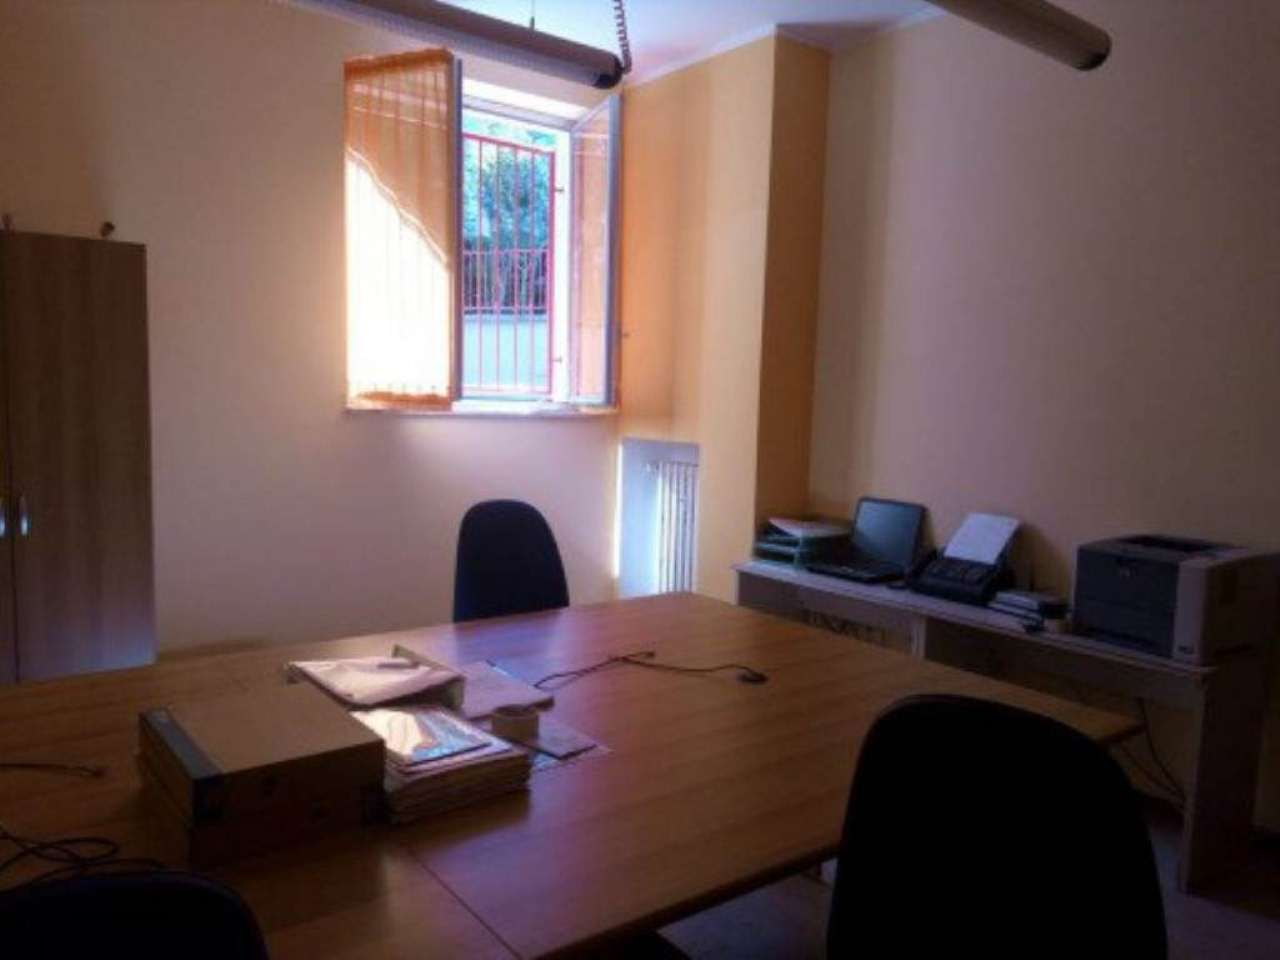 Ufficio / Studio in Vendita a Saronno